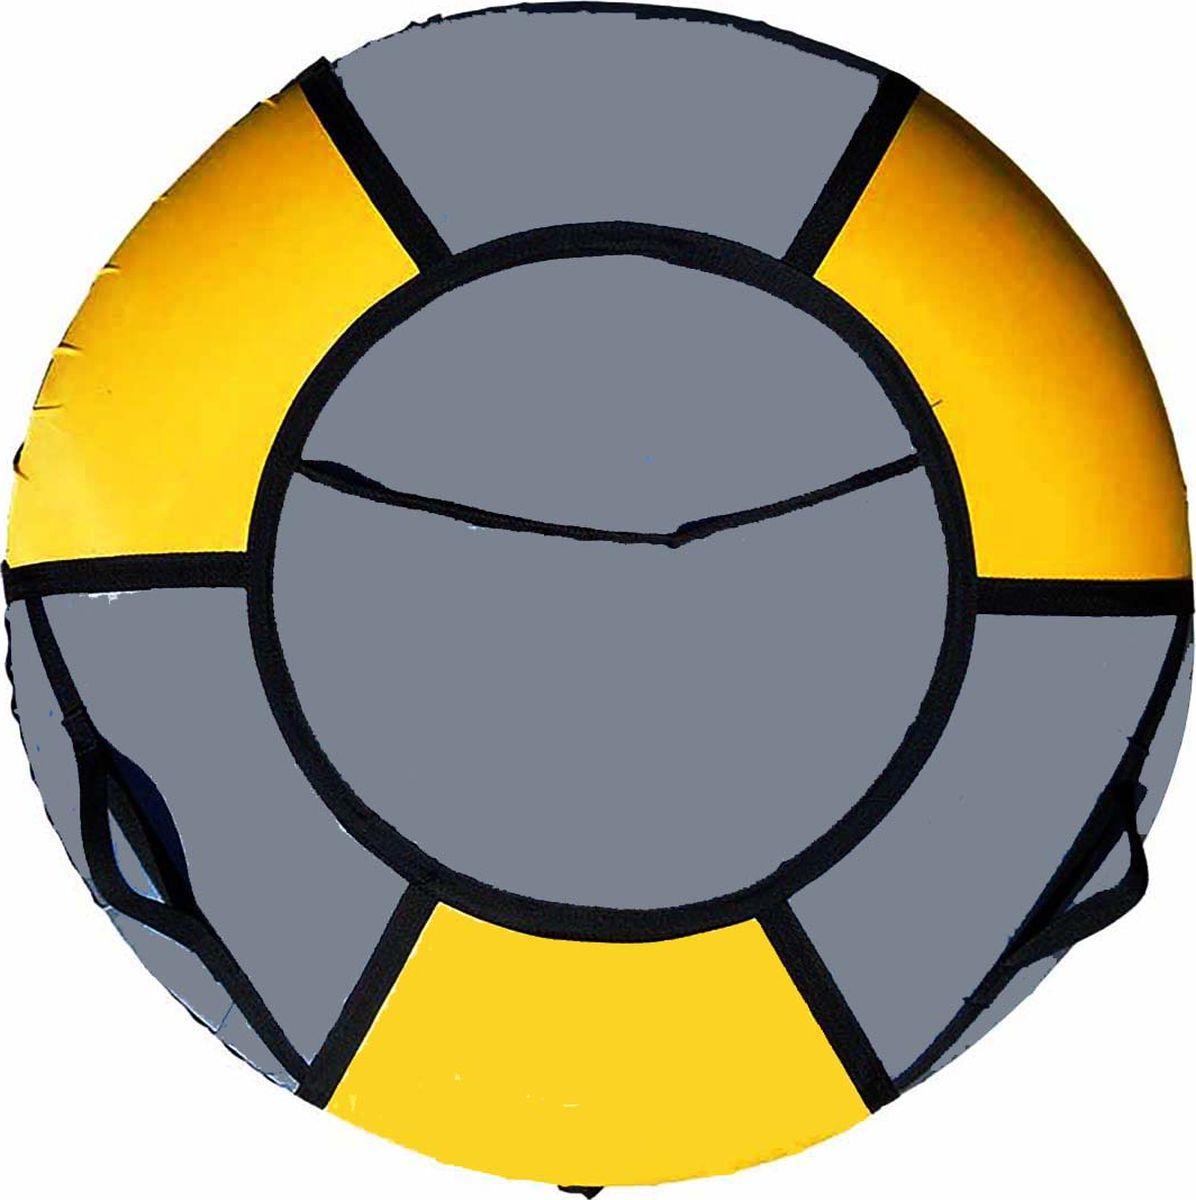 Тюбинг Эх, Прокачу! Профи-6, цвет: серый, желтый, 85 смСП85-6-3Качественные бюджетные санки-ватрушки для катания по снегу из 6 секций * размеры указаны в надутом состоянии * дно изготовлено из ткани ПВХ 630г/м2 * верх изготовлен из ткани ПВХ 630гр/м2 * камера российского производства * буксировочный ремень * морозоустойчивость -45 * допускается деформация формы санок из-за неравномерности надутия камеры